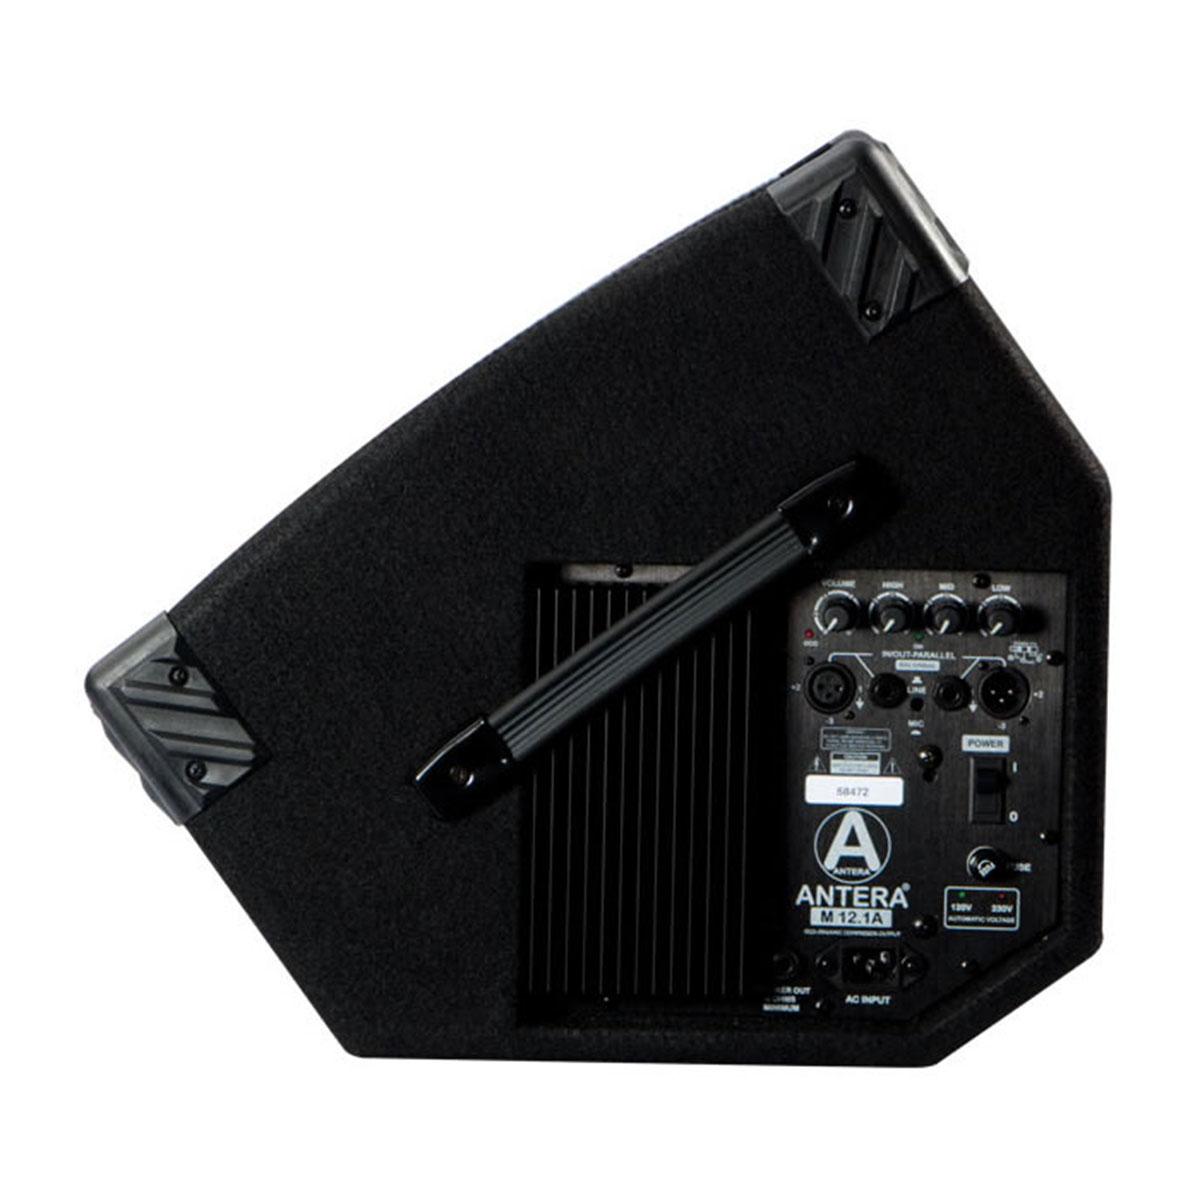 Monitor Ativo 170W Preto M 12.1 A - Antera